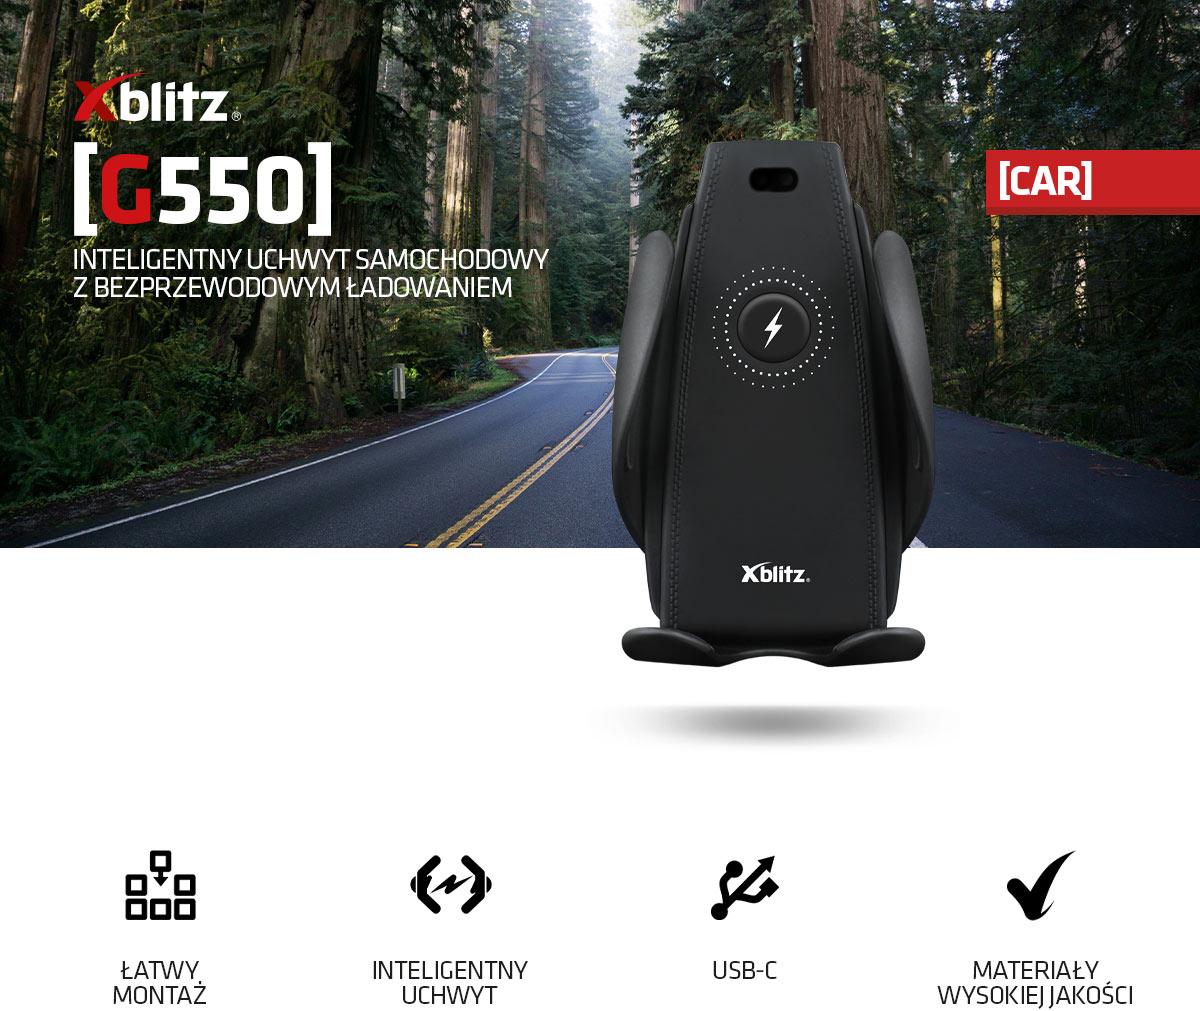 Inteligentny uchwyt samochodowy z bezprzewodowym ładowaniem Xblitz G550